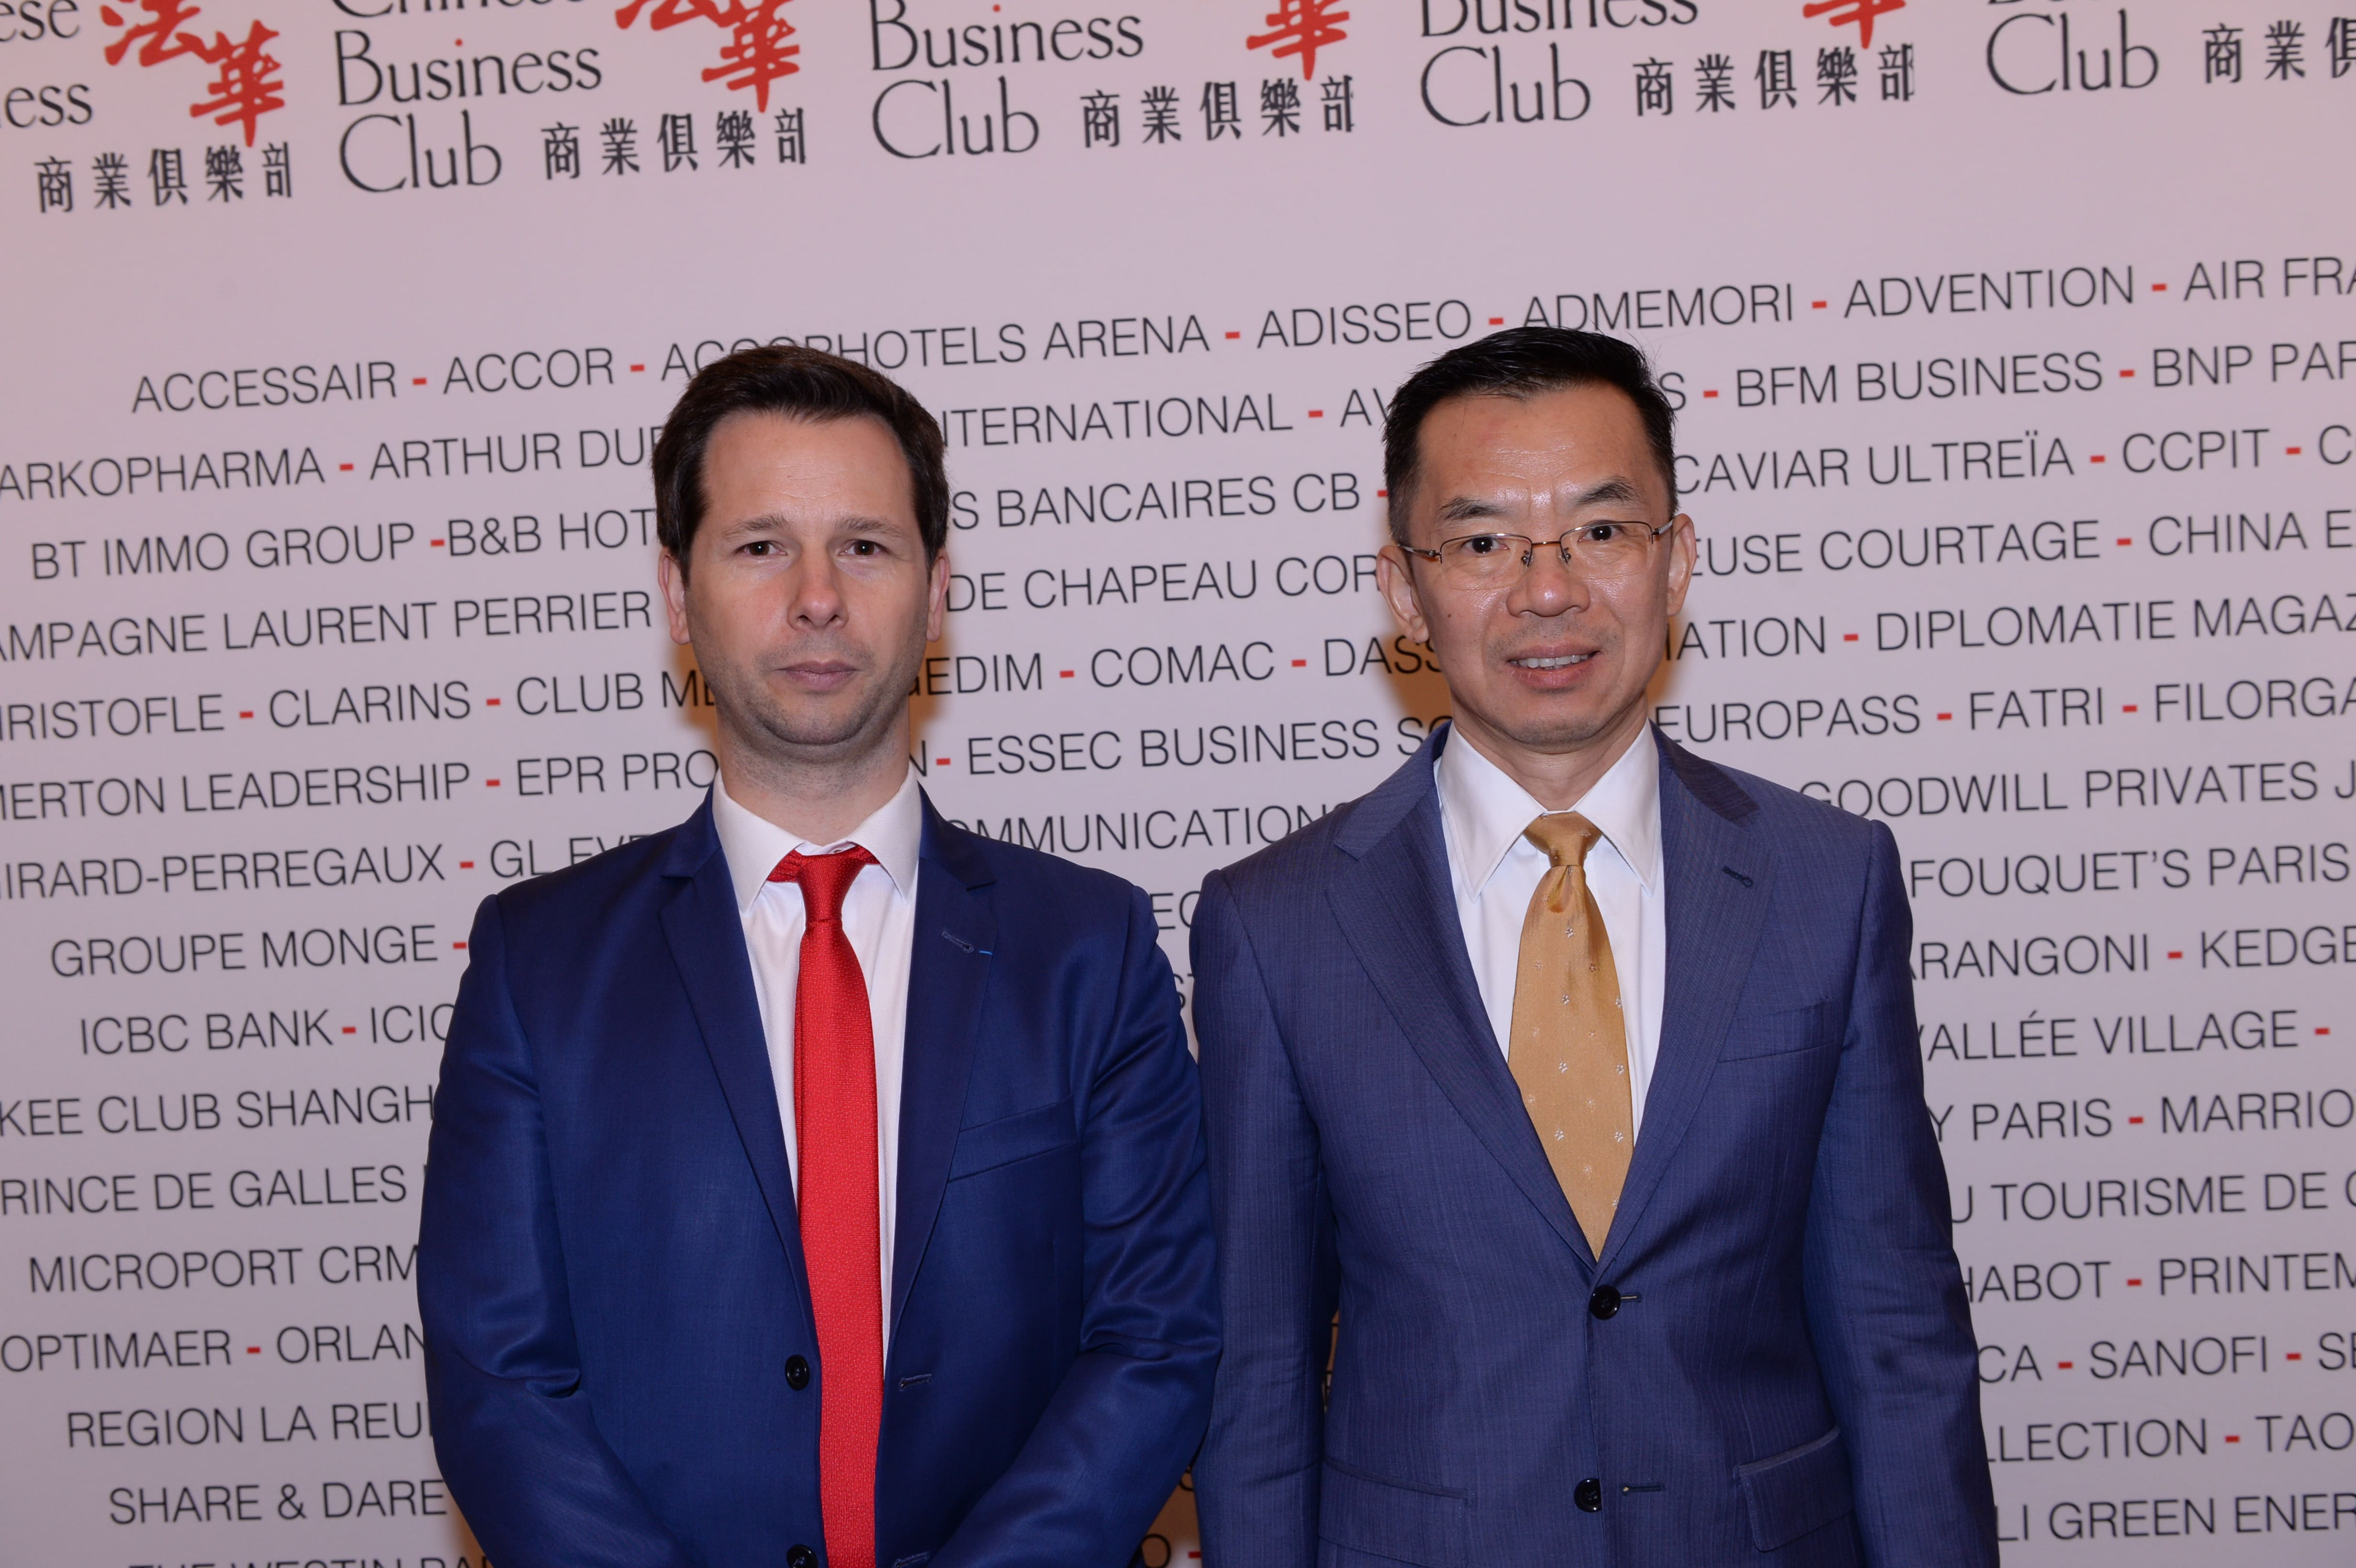 卢沙野阁下,中华人民共和国驻法兰西共和国大使